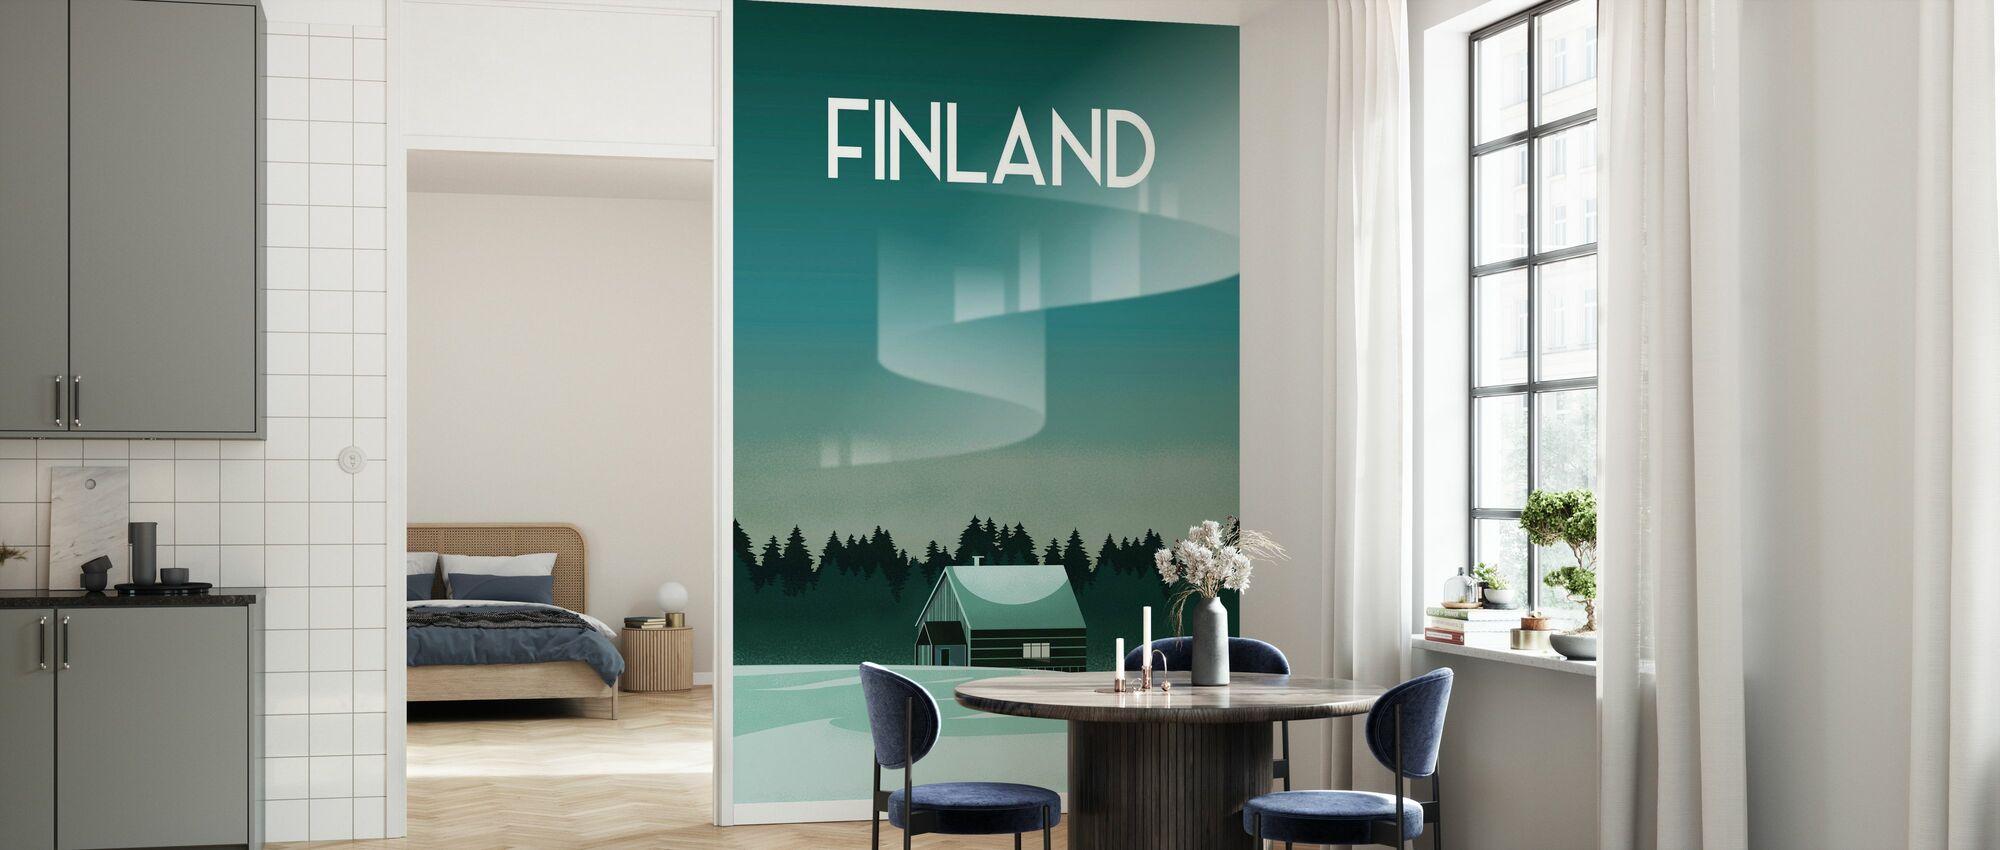 Finland - Wallpaper - Kitchen